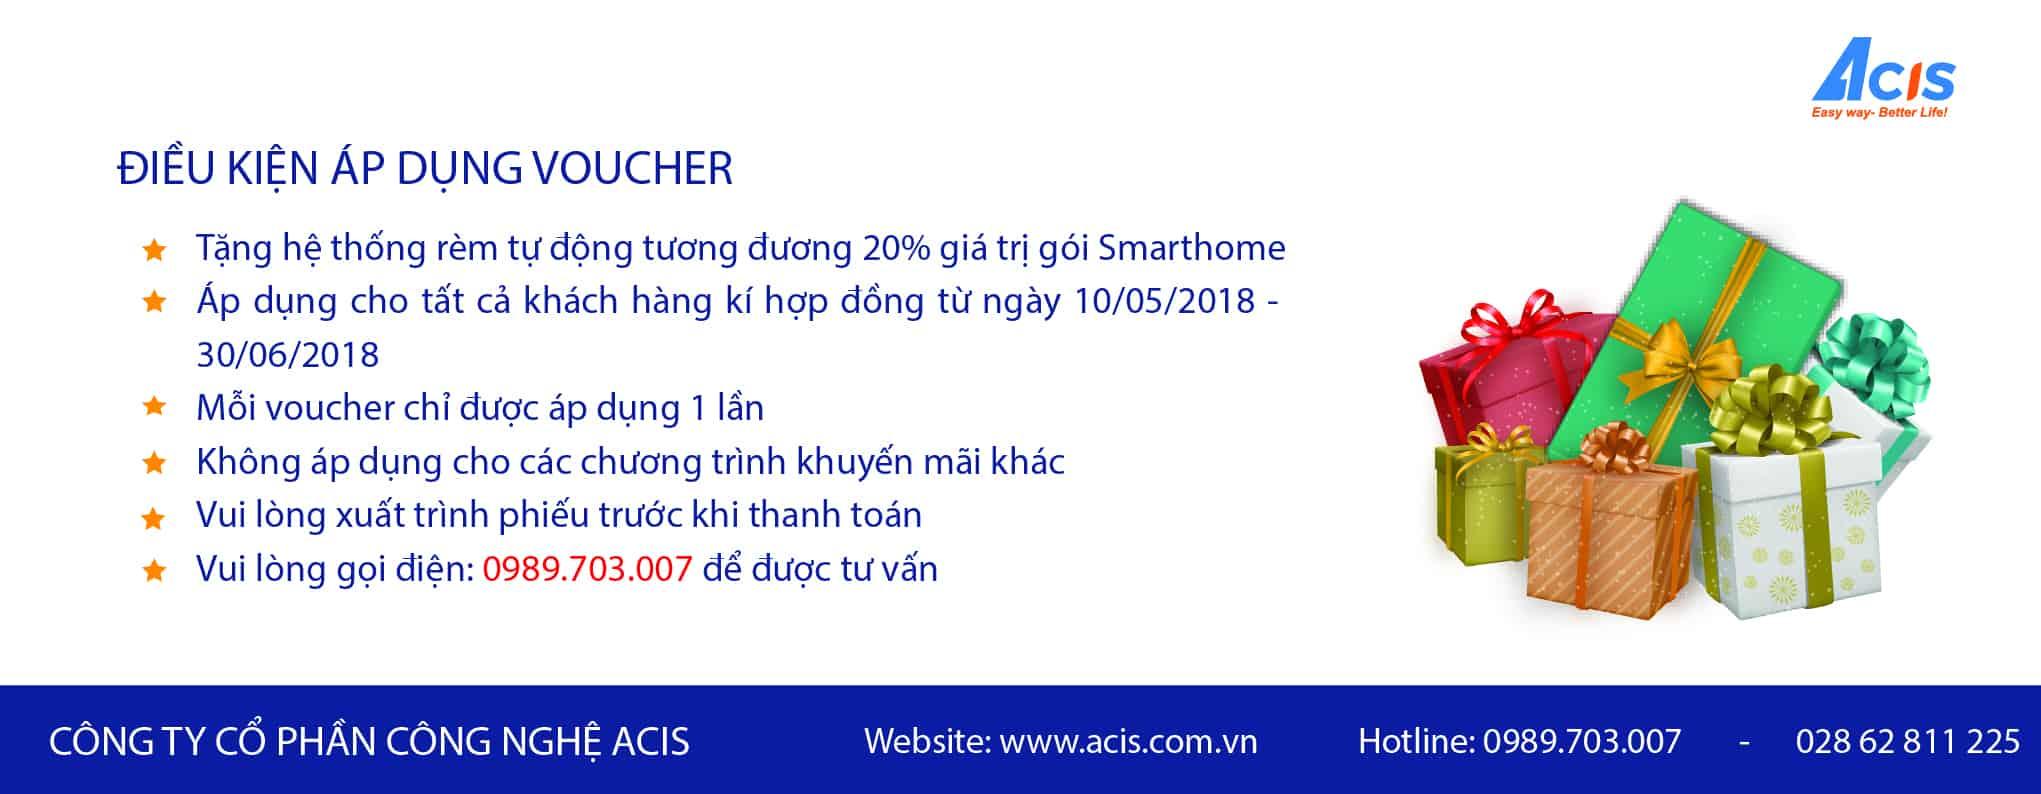 ACIS khuyến mãi khủng giảm đến 20% tổng giá trị gói Smarthome 6